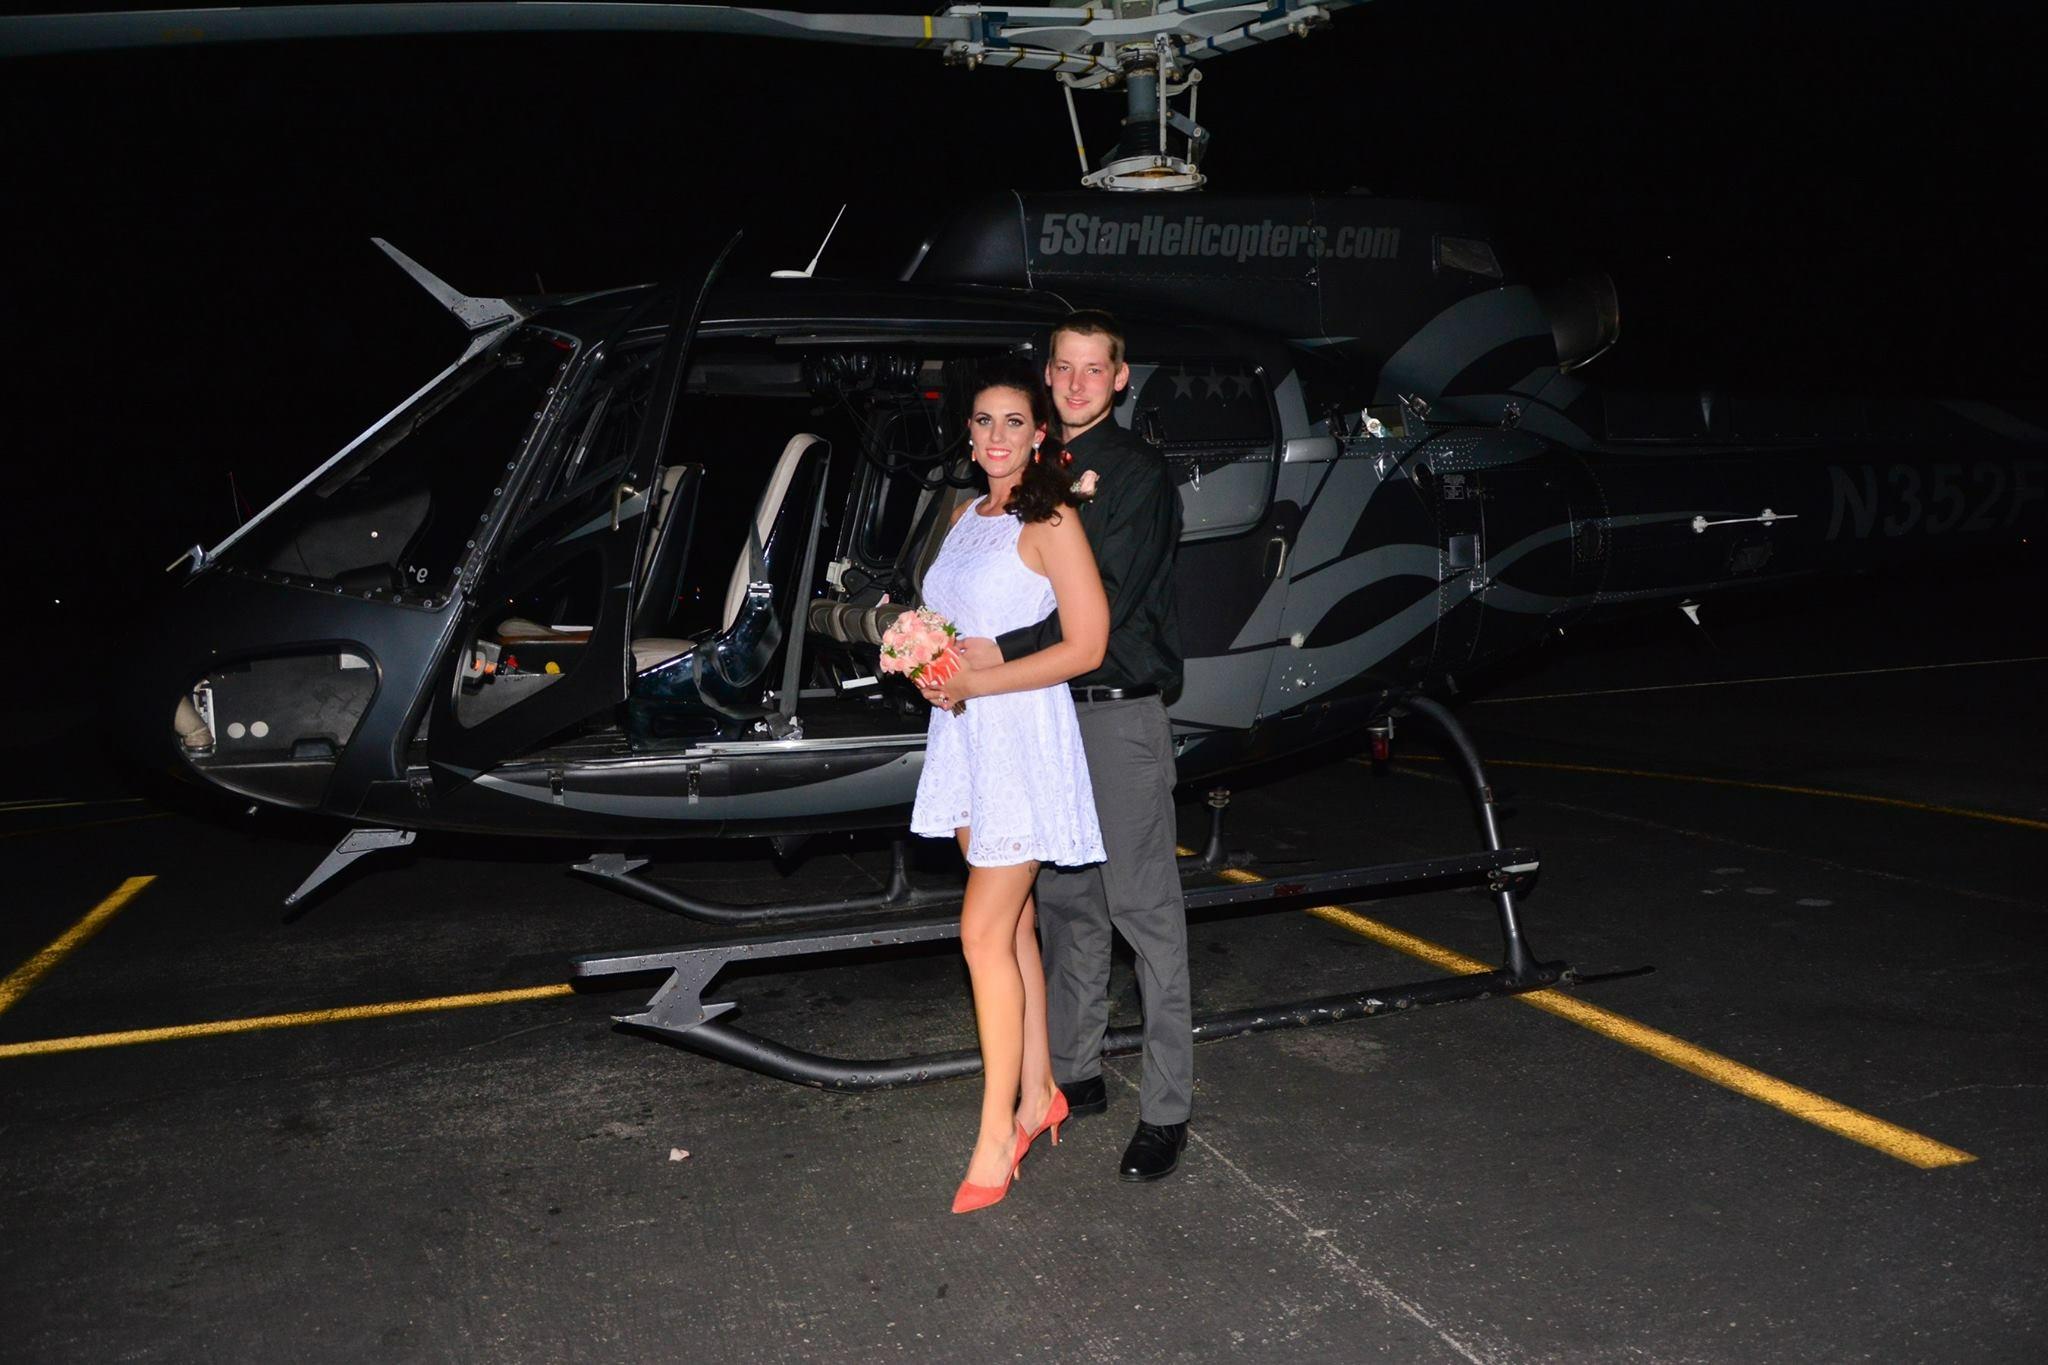 Luxushelikopter die eine Las Vegas Hochzeit unvergesslich machen